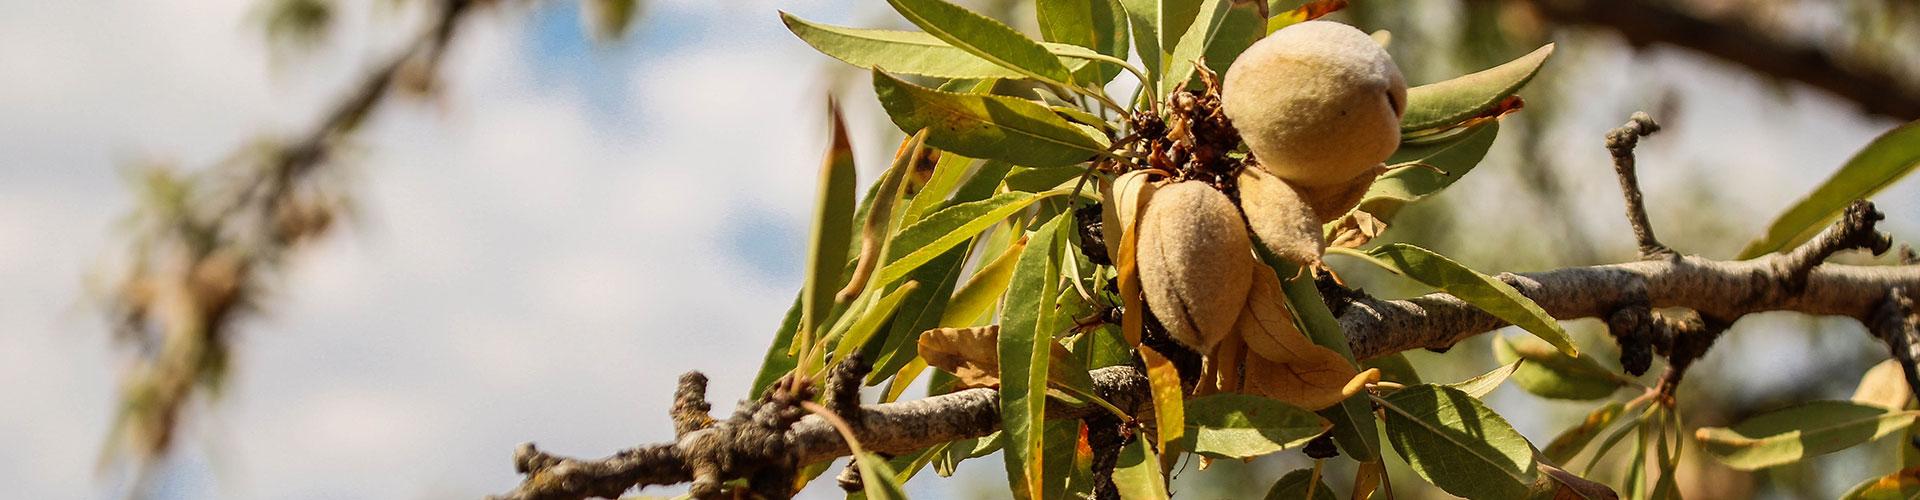 Foto albero di mandorle